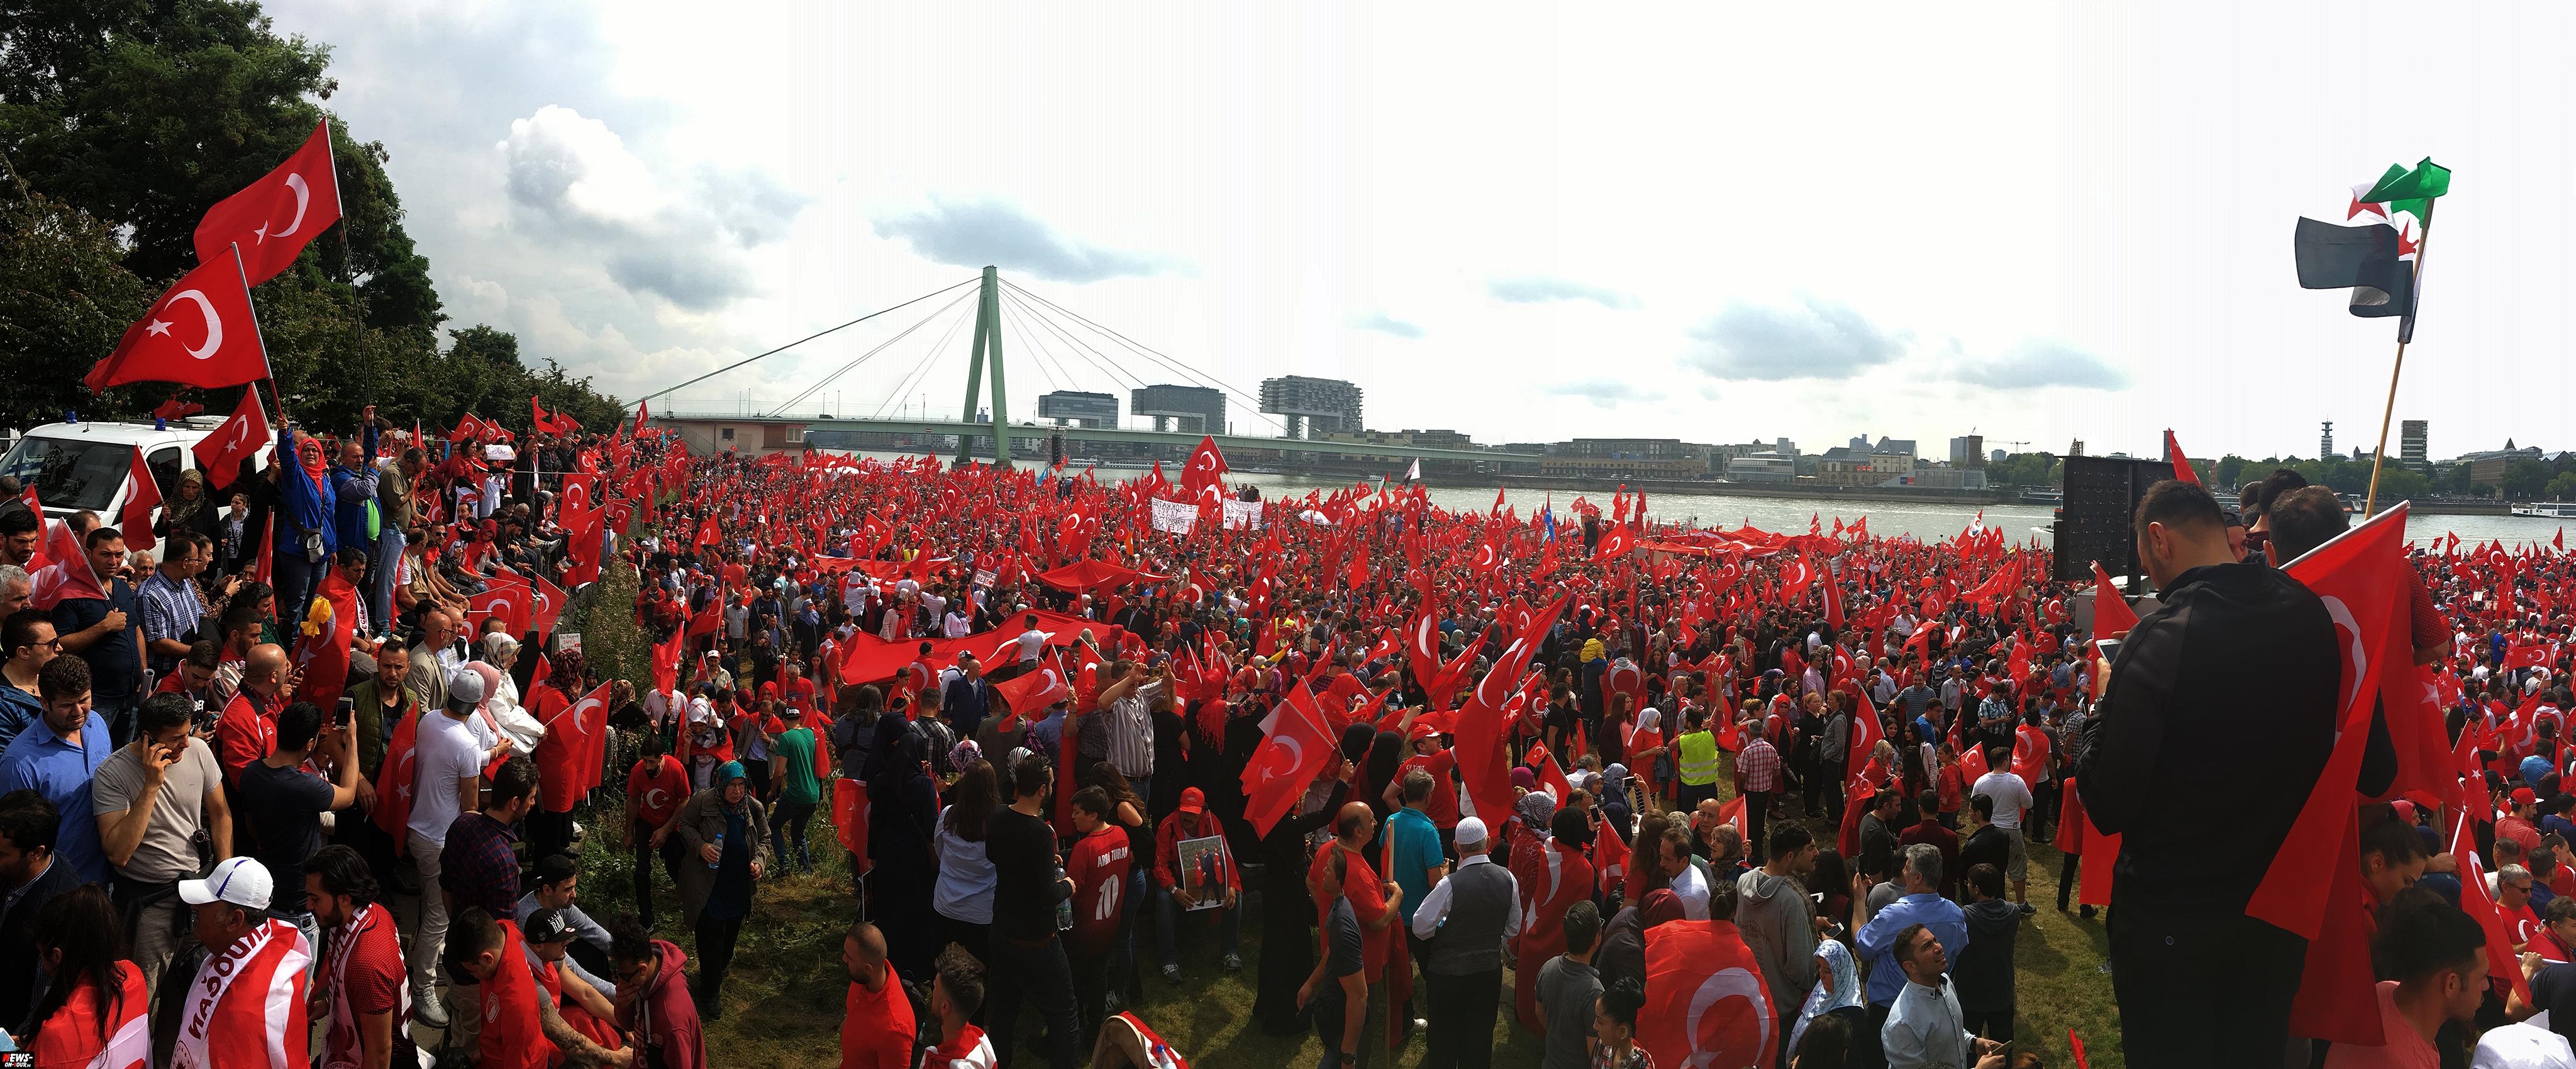 Bildergebnis für demo koeln 2016 erdogan